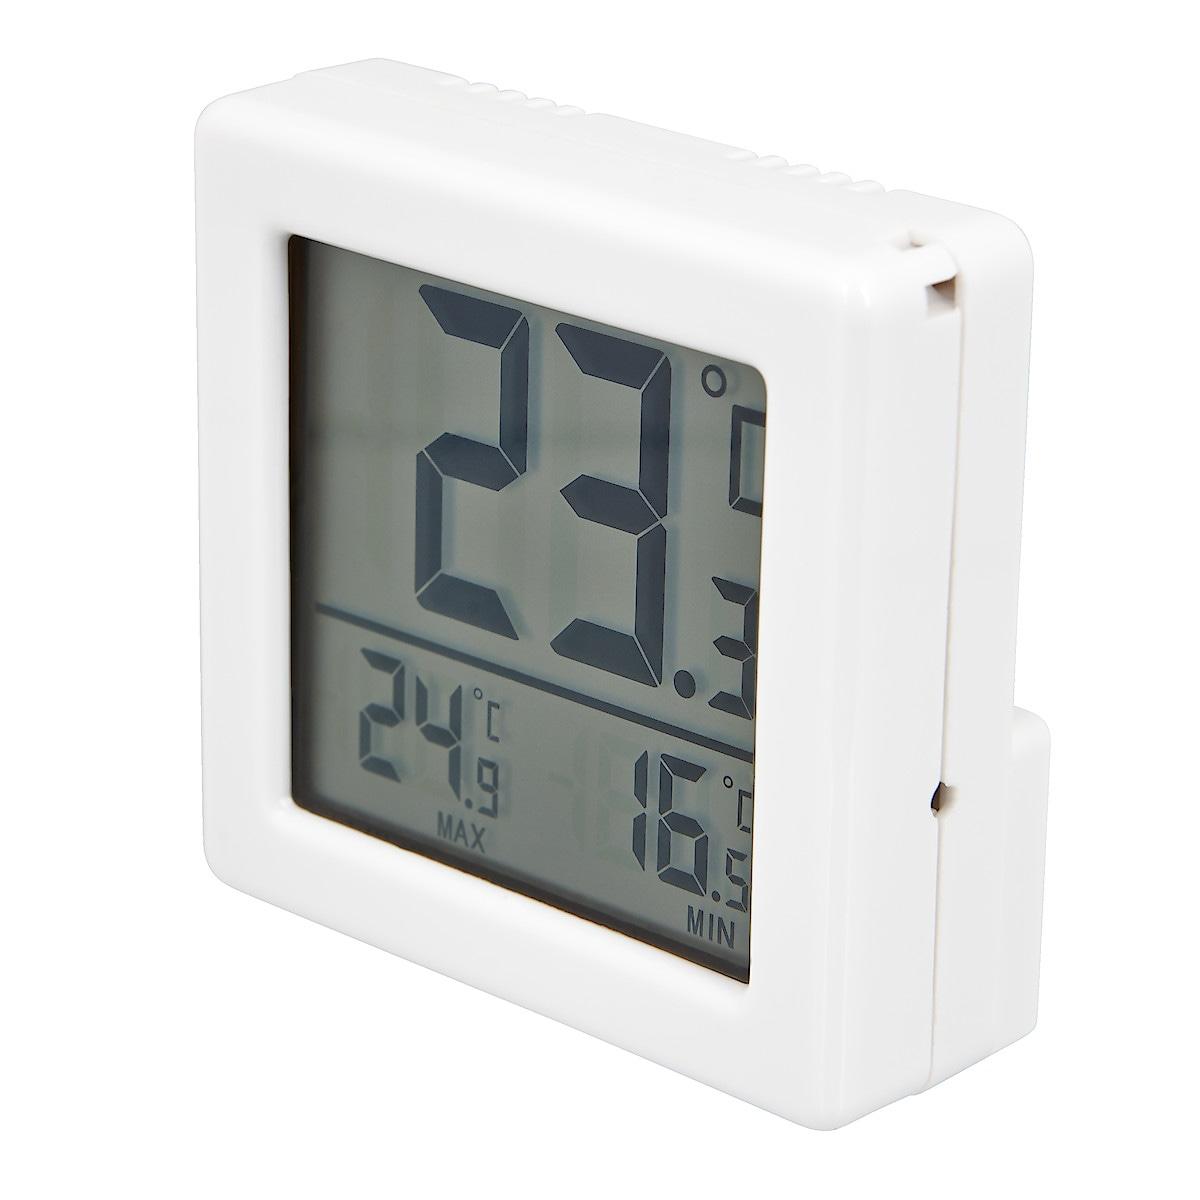 Innetermometer